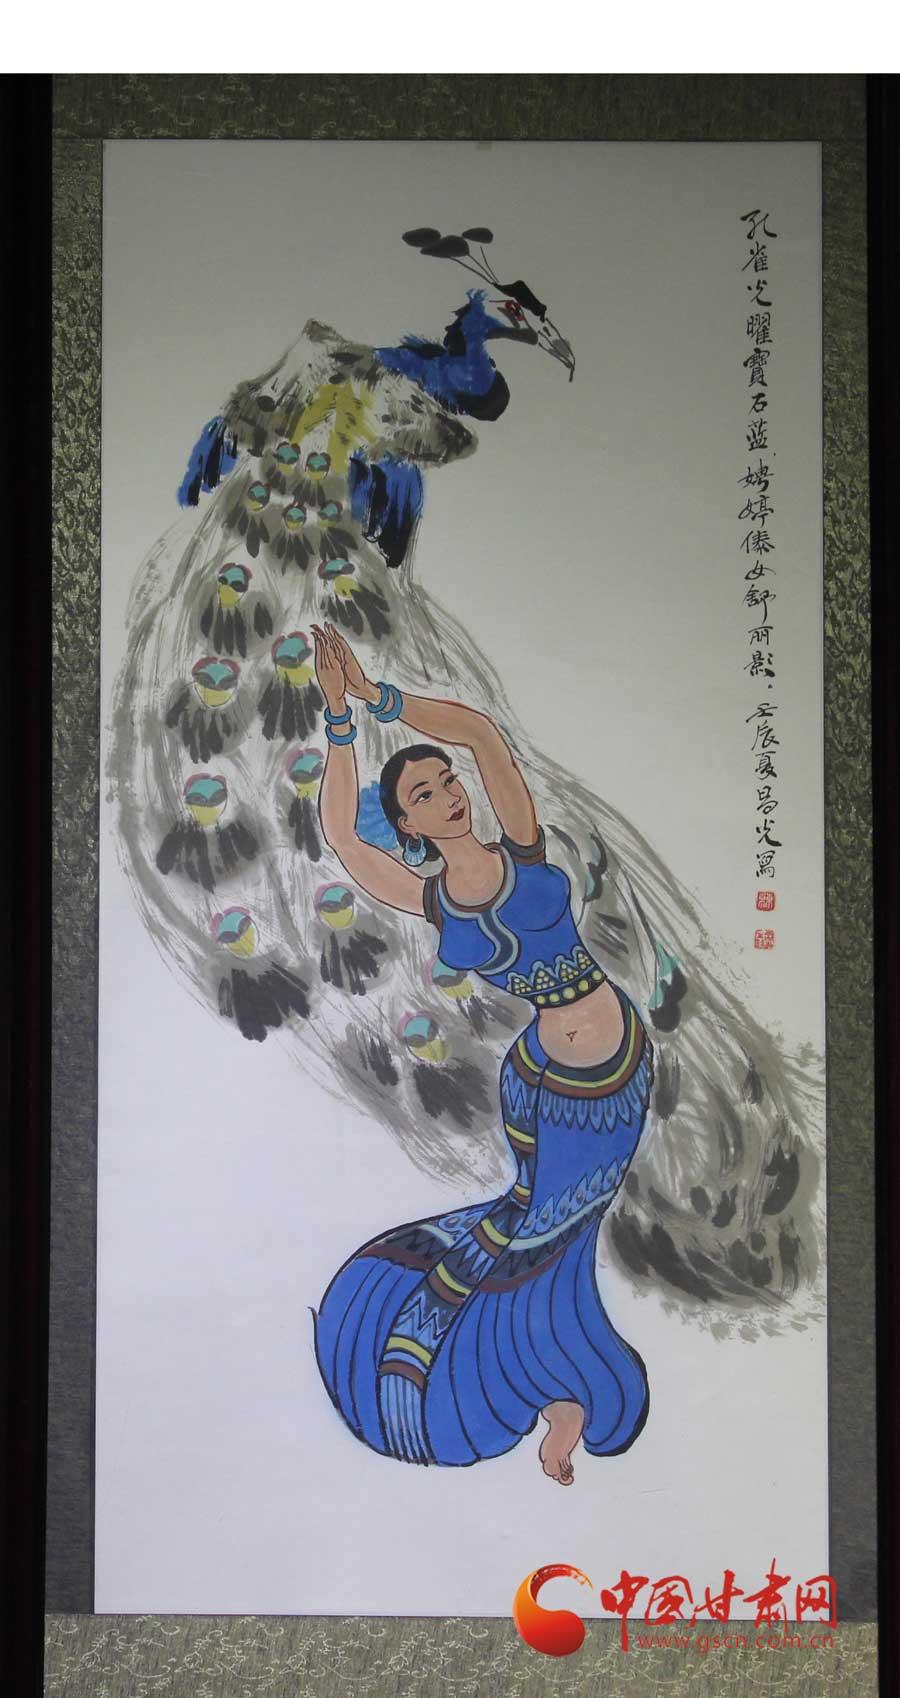 第二届丝路·长城(国际)音乐文化节之甘肃当代书画收藏展【高清组图】图片